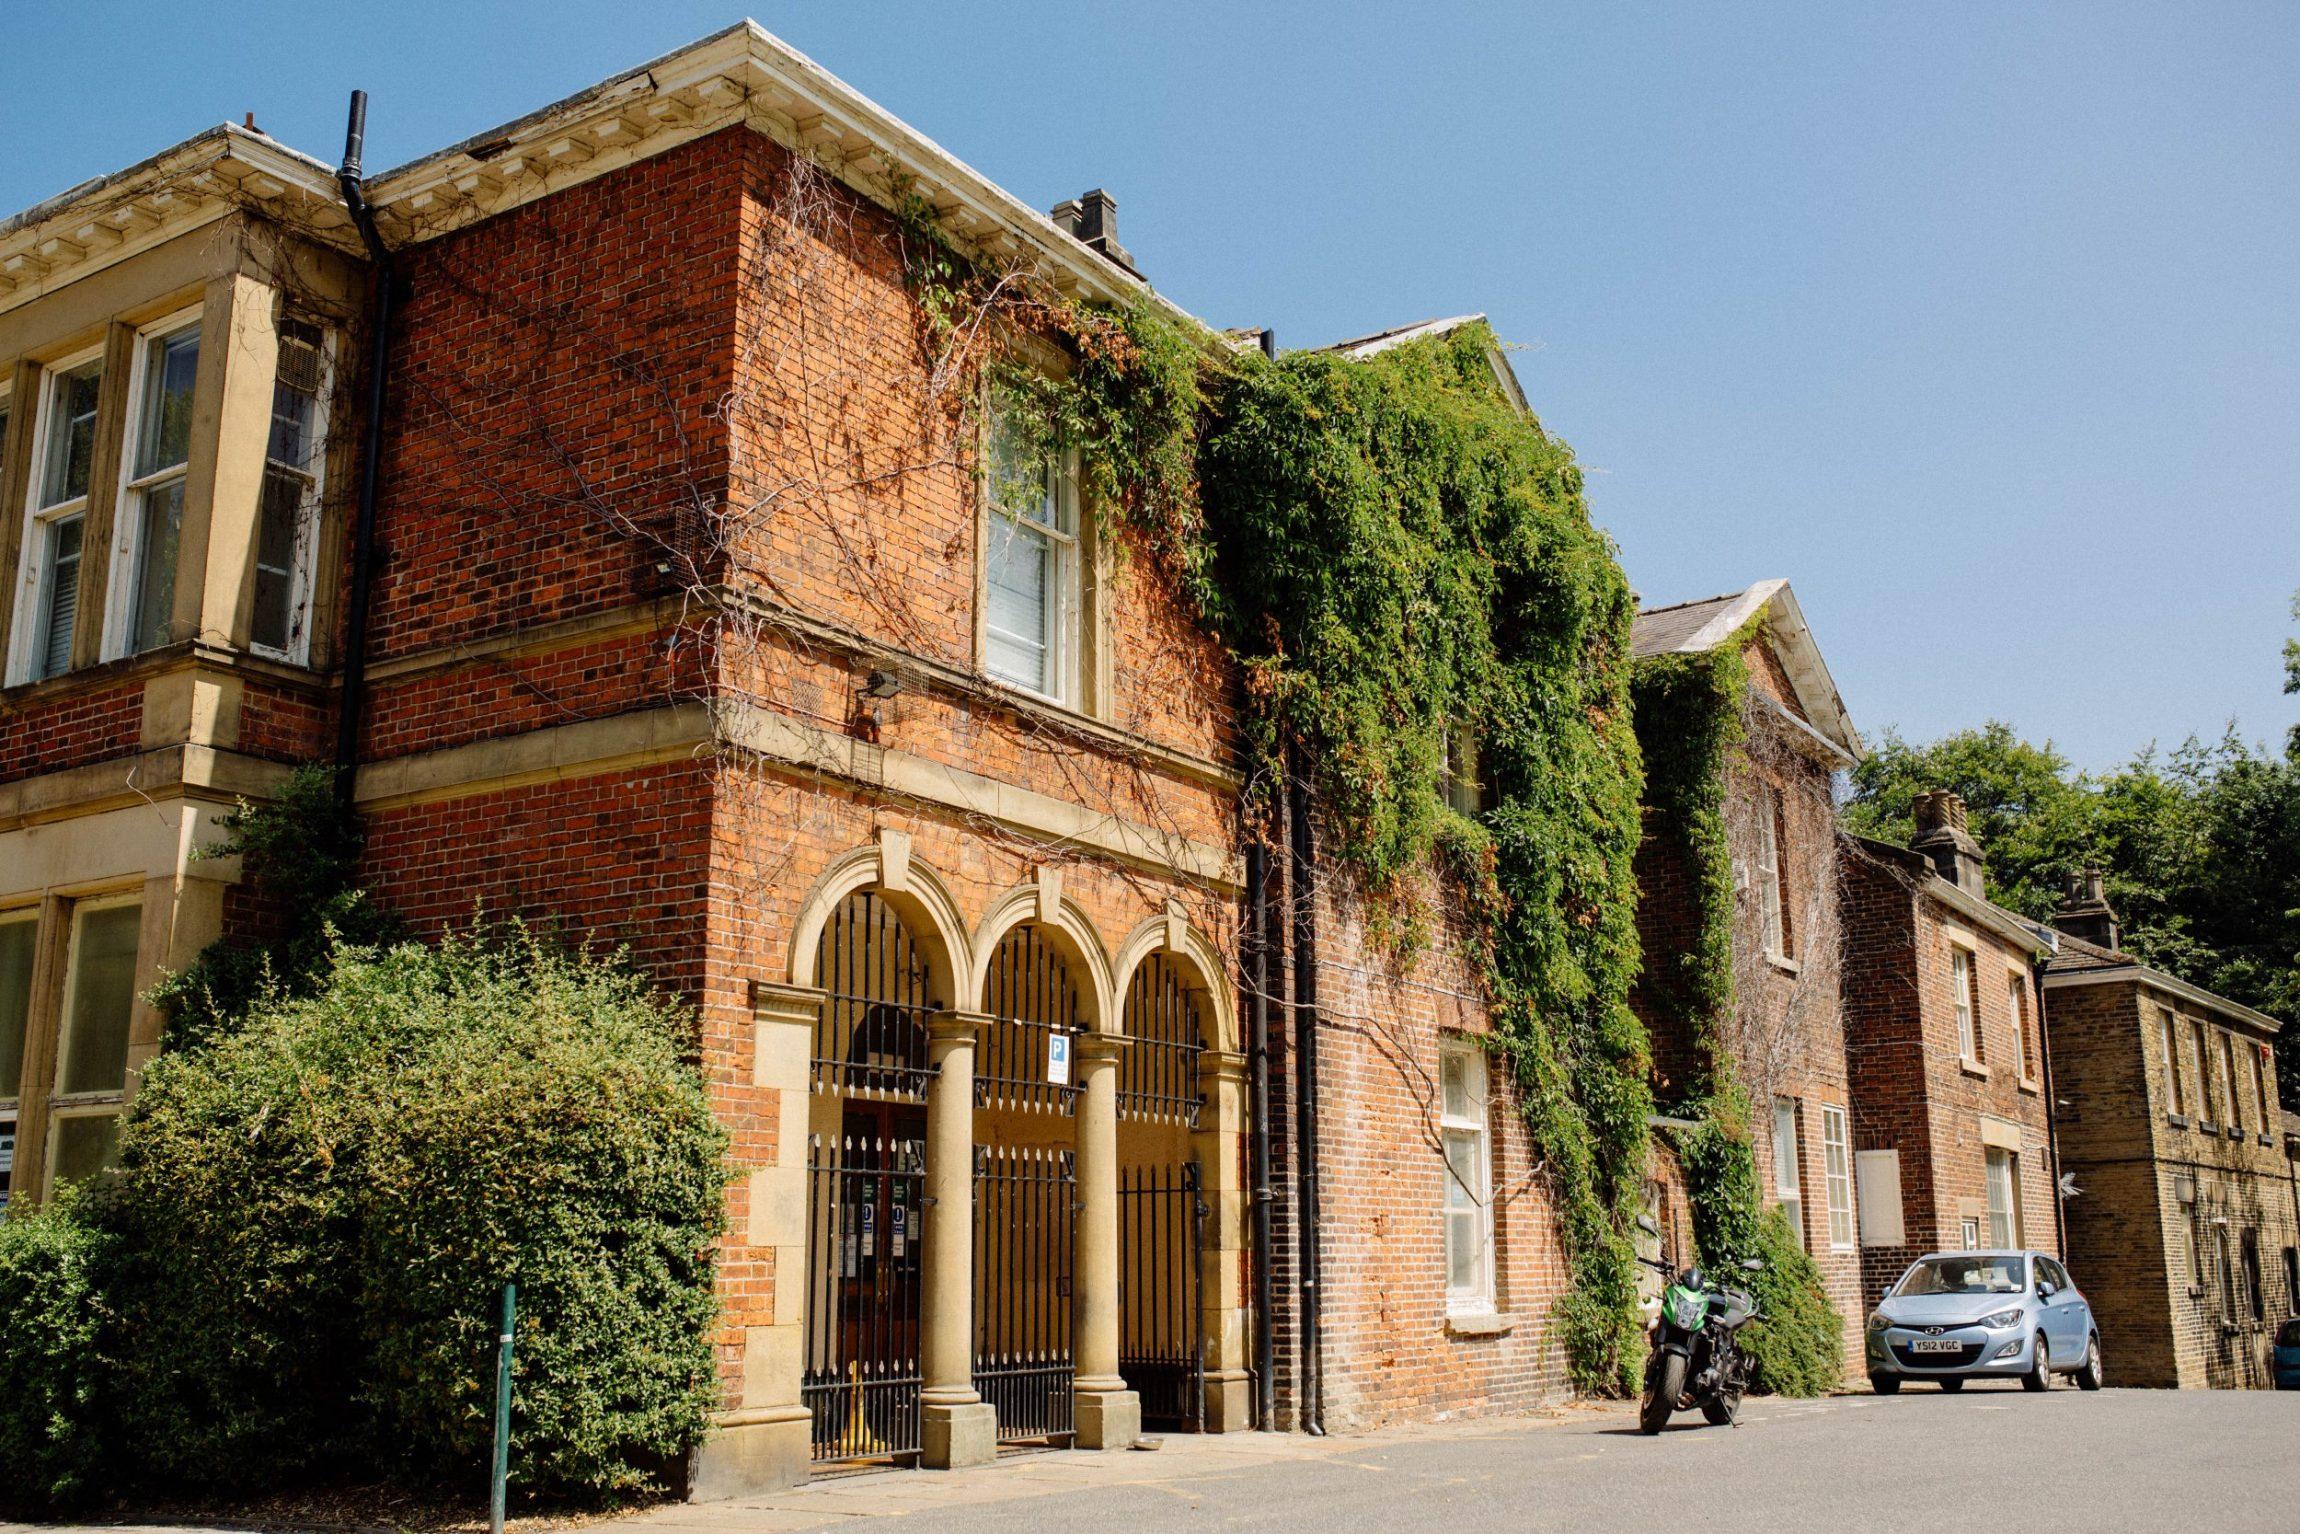 Meersbrook Hall